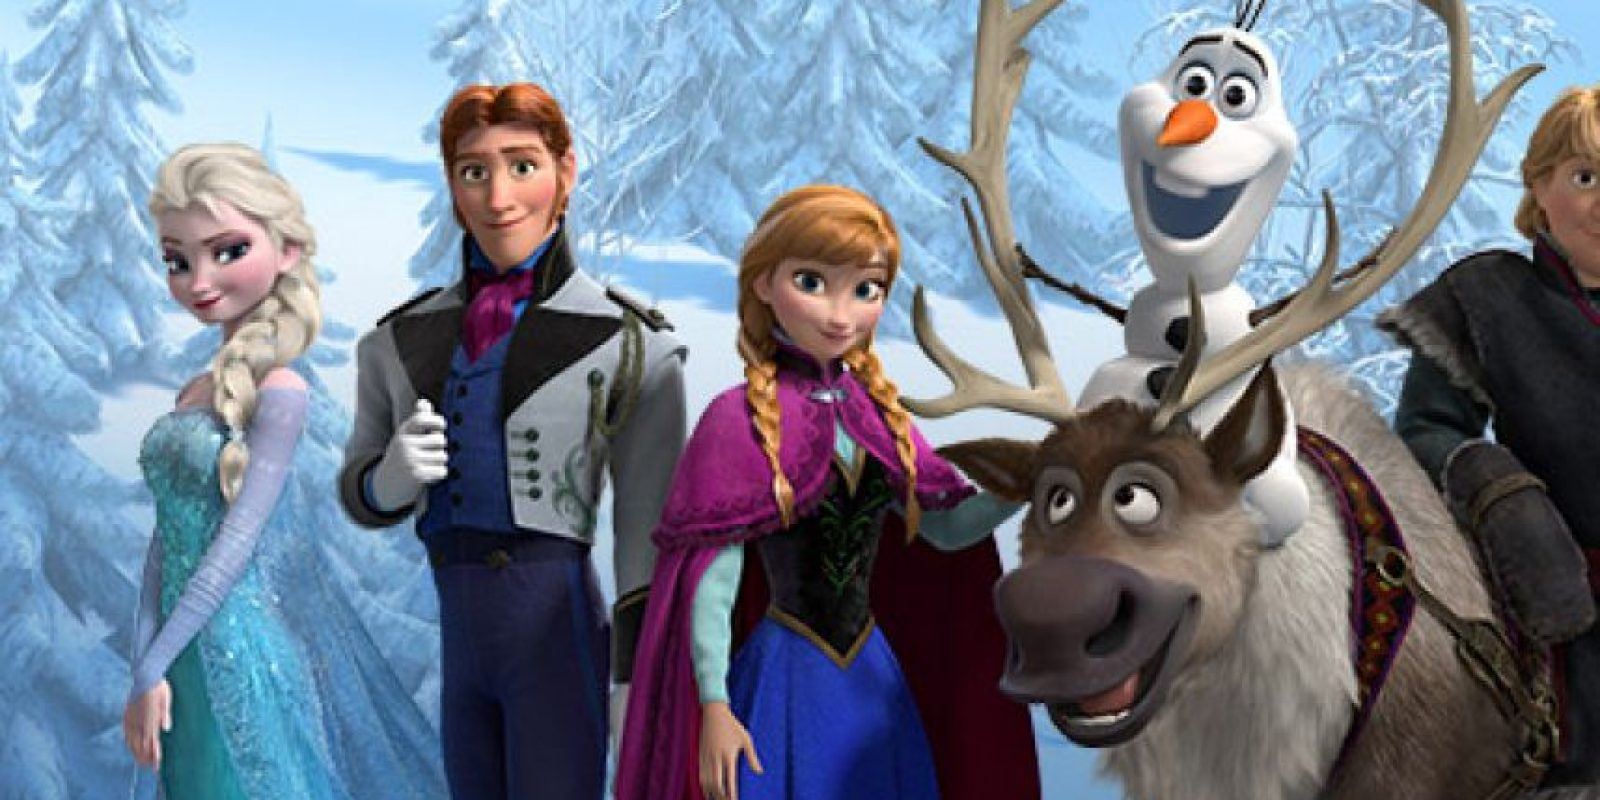 """Los personajes Hans, Kristoff, Anna y Sven llevan ese nombre en honor a Hans Christian Andersen, escritor danés autor de los cuentos """"Patito feo"""" y """"La sirenita"""". (Al nombrar los nombres de estos cuatro personajes juntos parece que se pronuncia el nombre del escritor) Foto:Facebook/Frozen"""